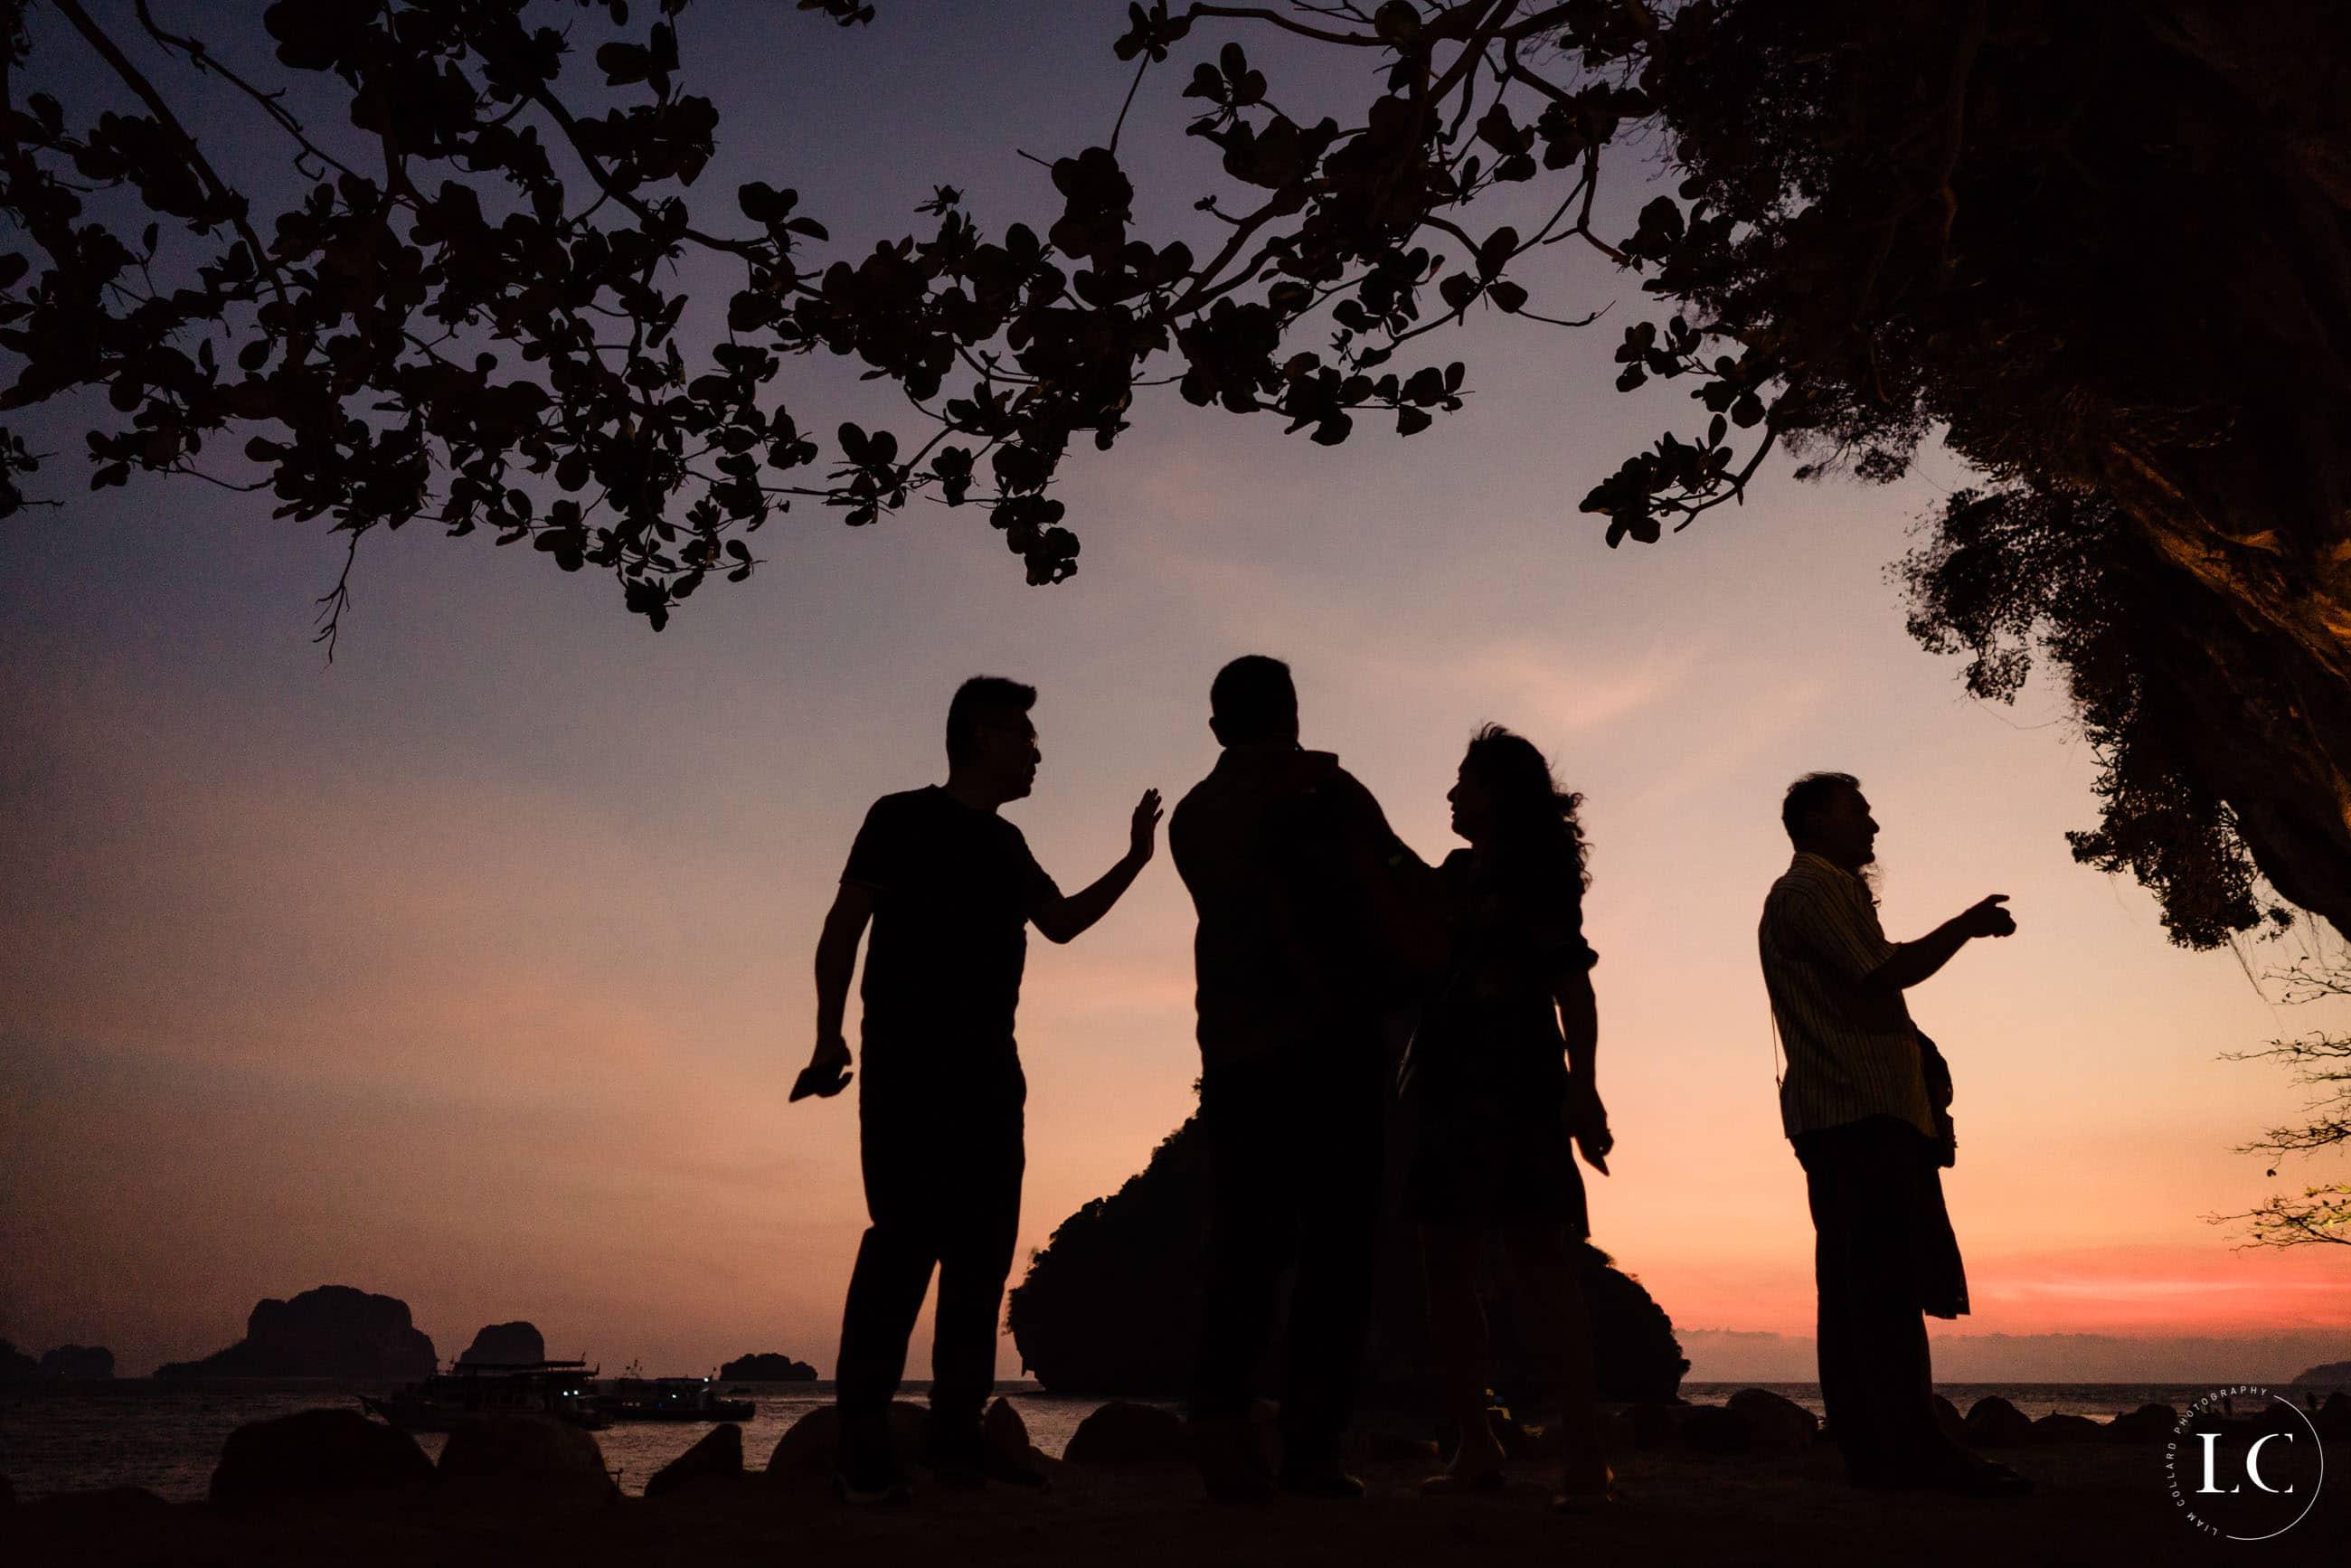 Dancing at sunset at a wedding